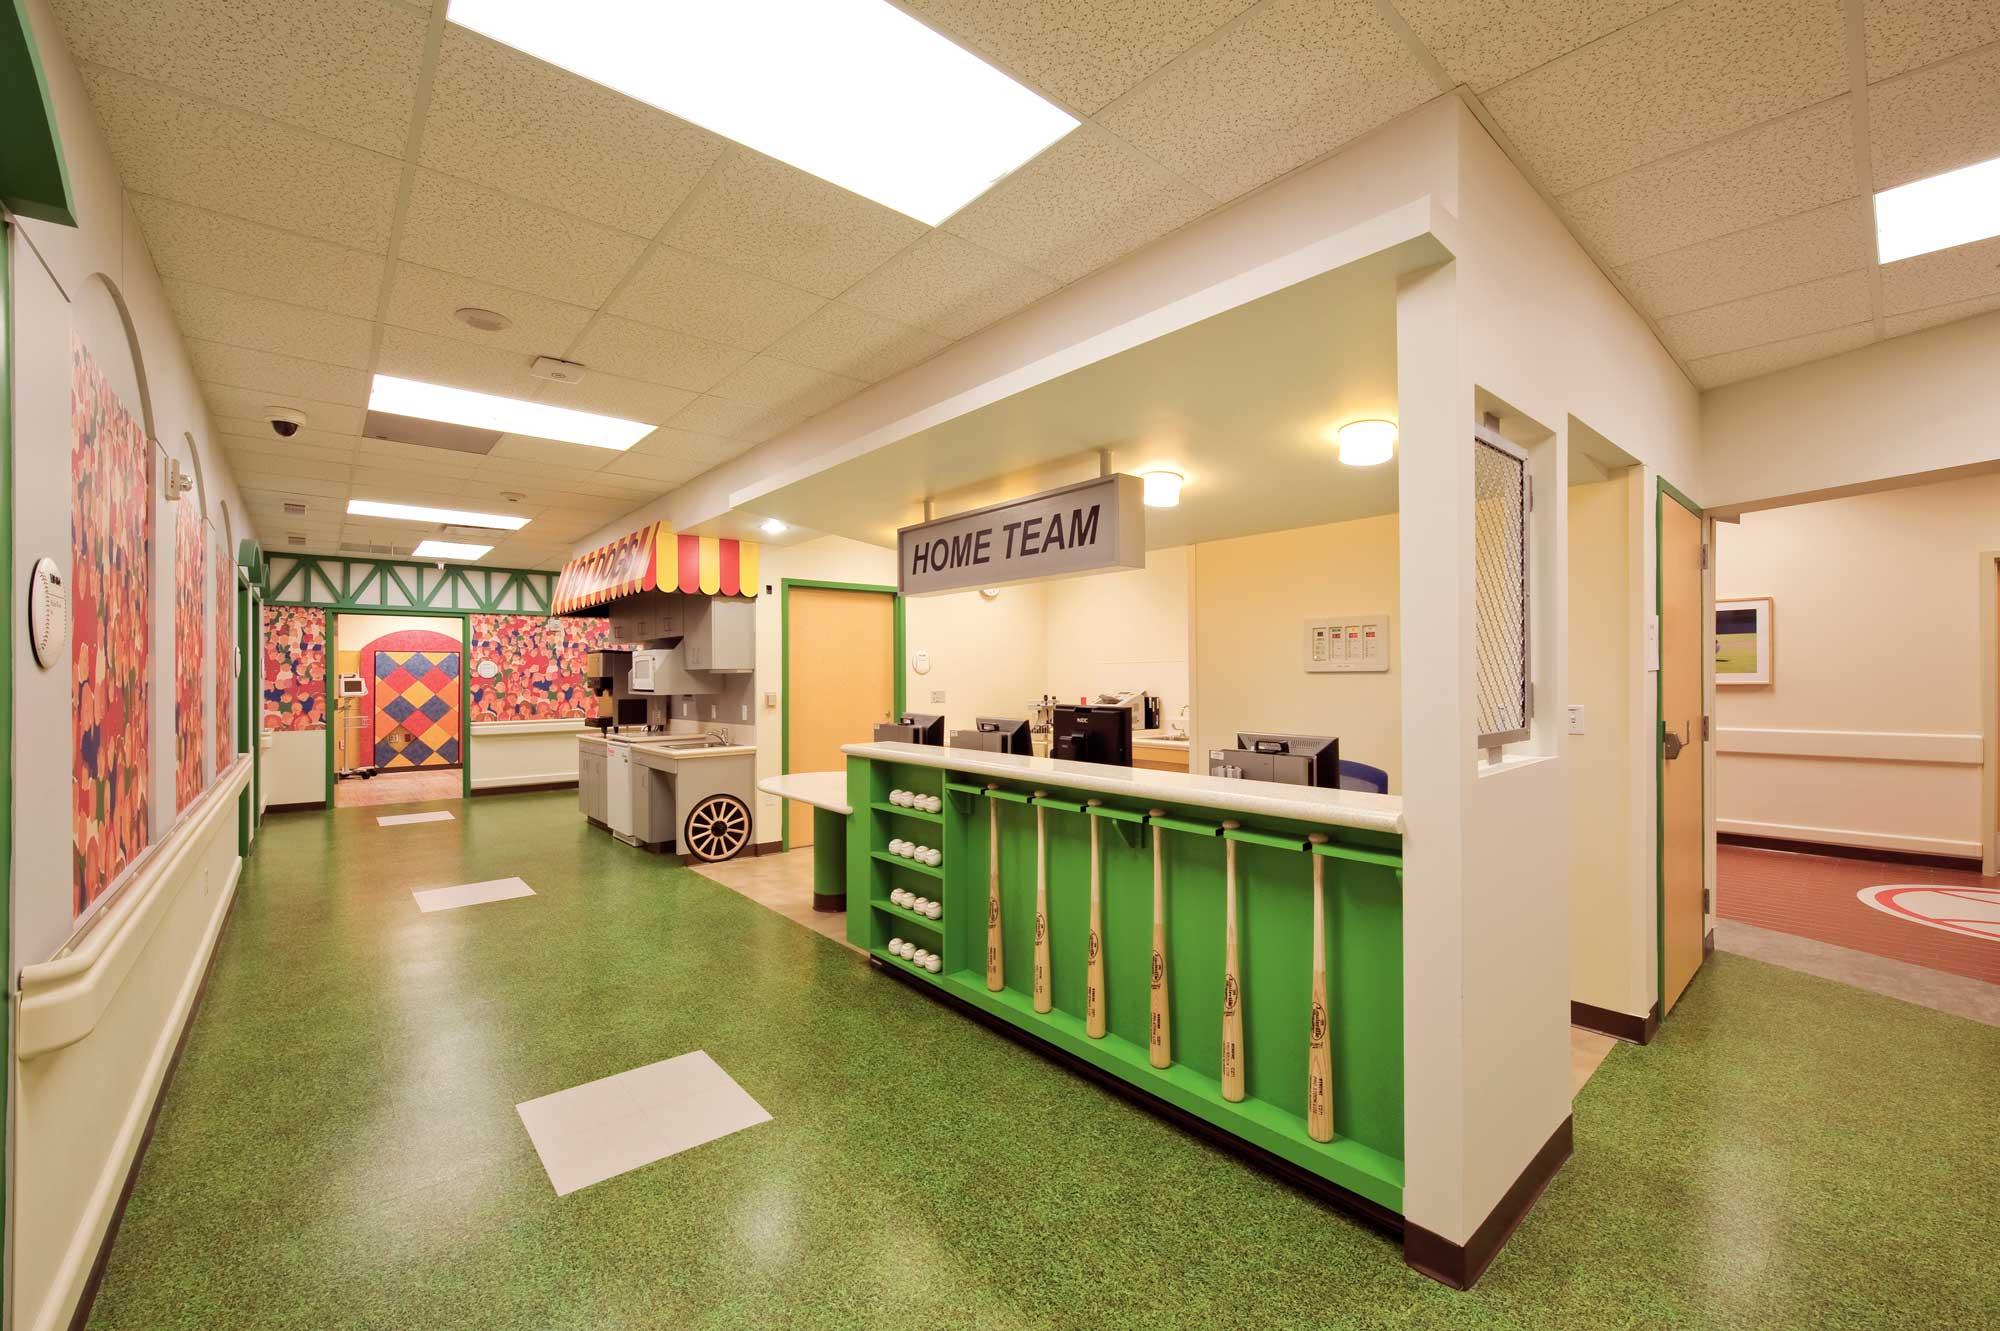 Memorial Hermann Children's Hospital – 8th Floor